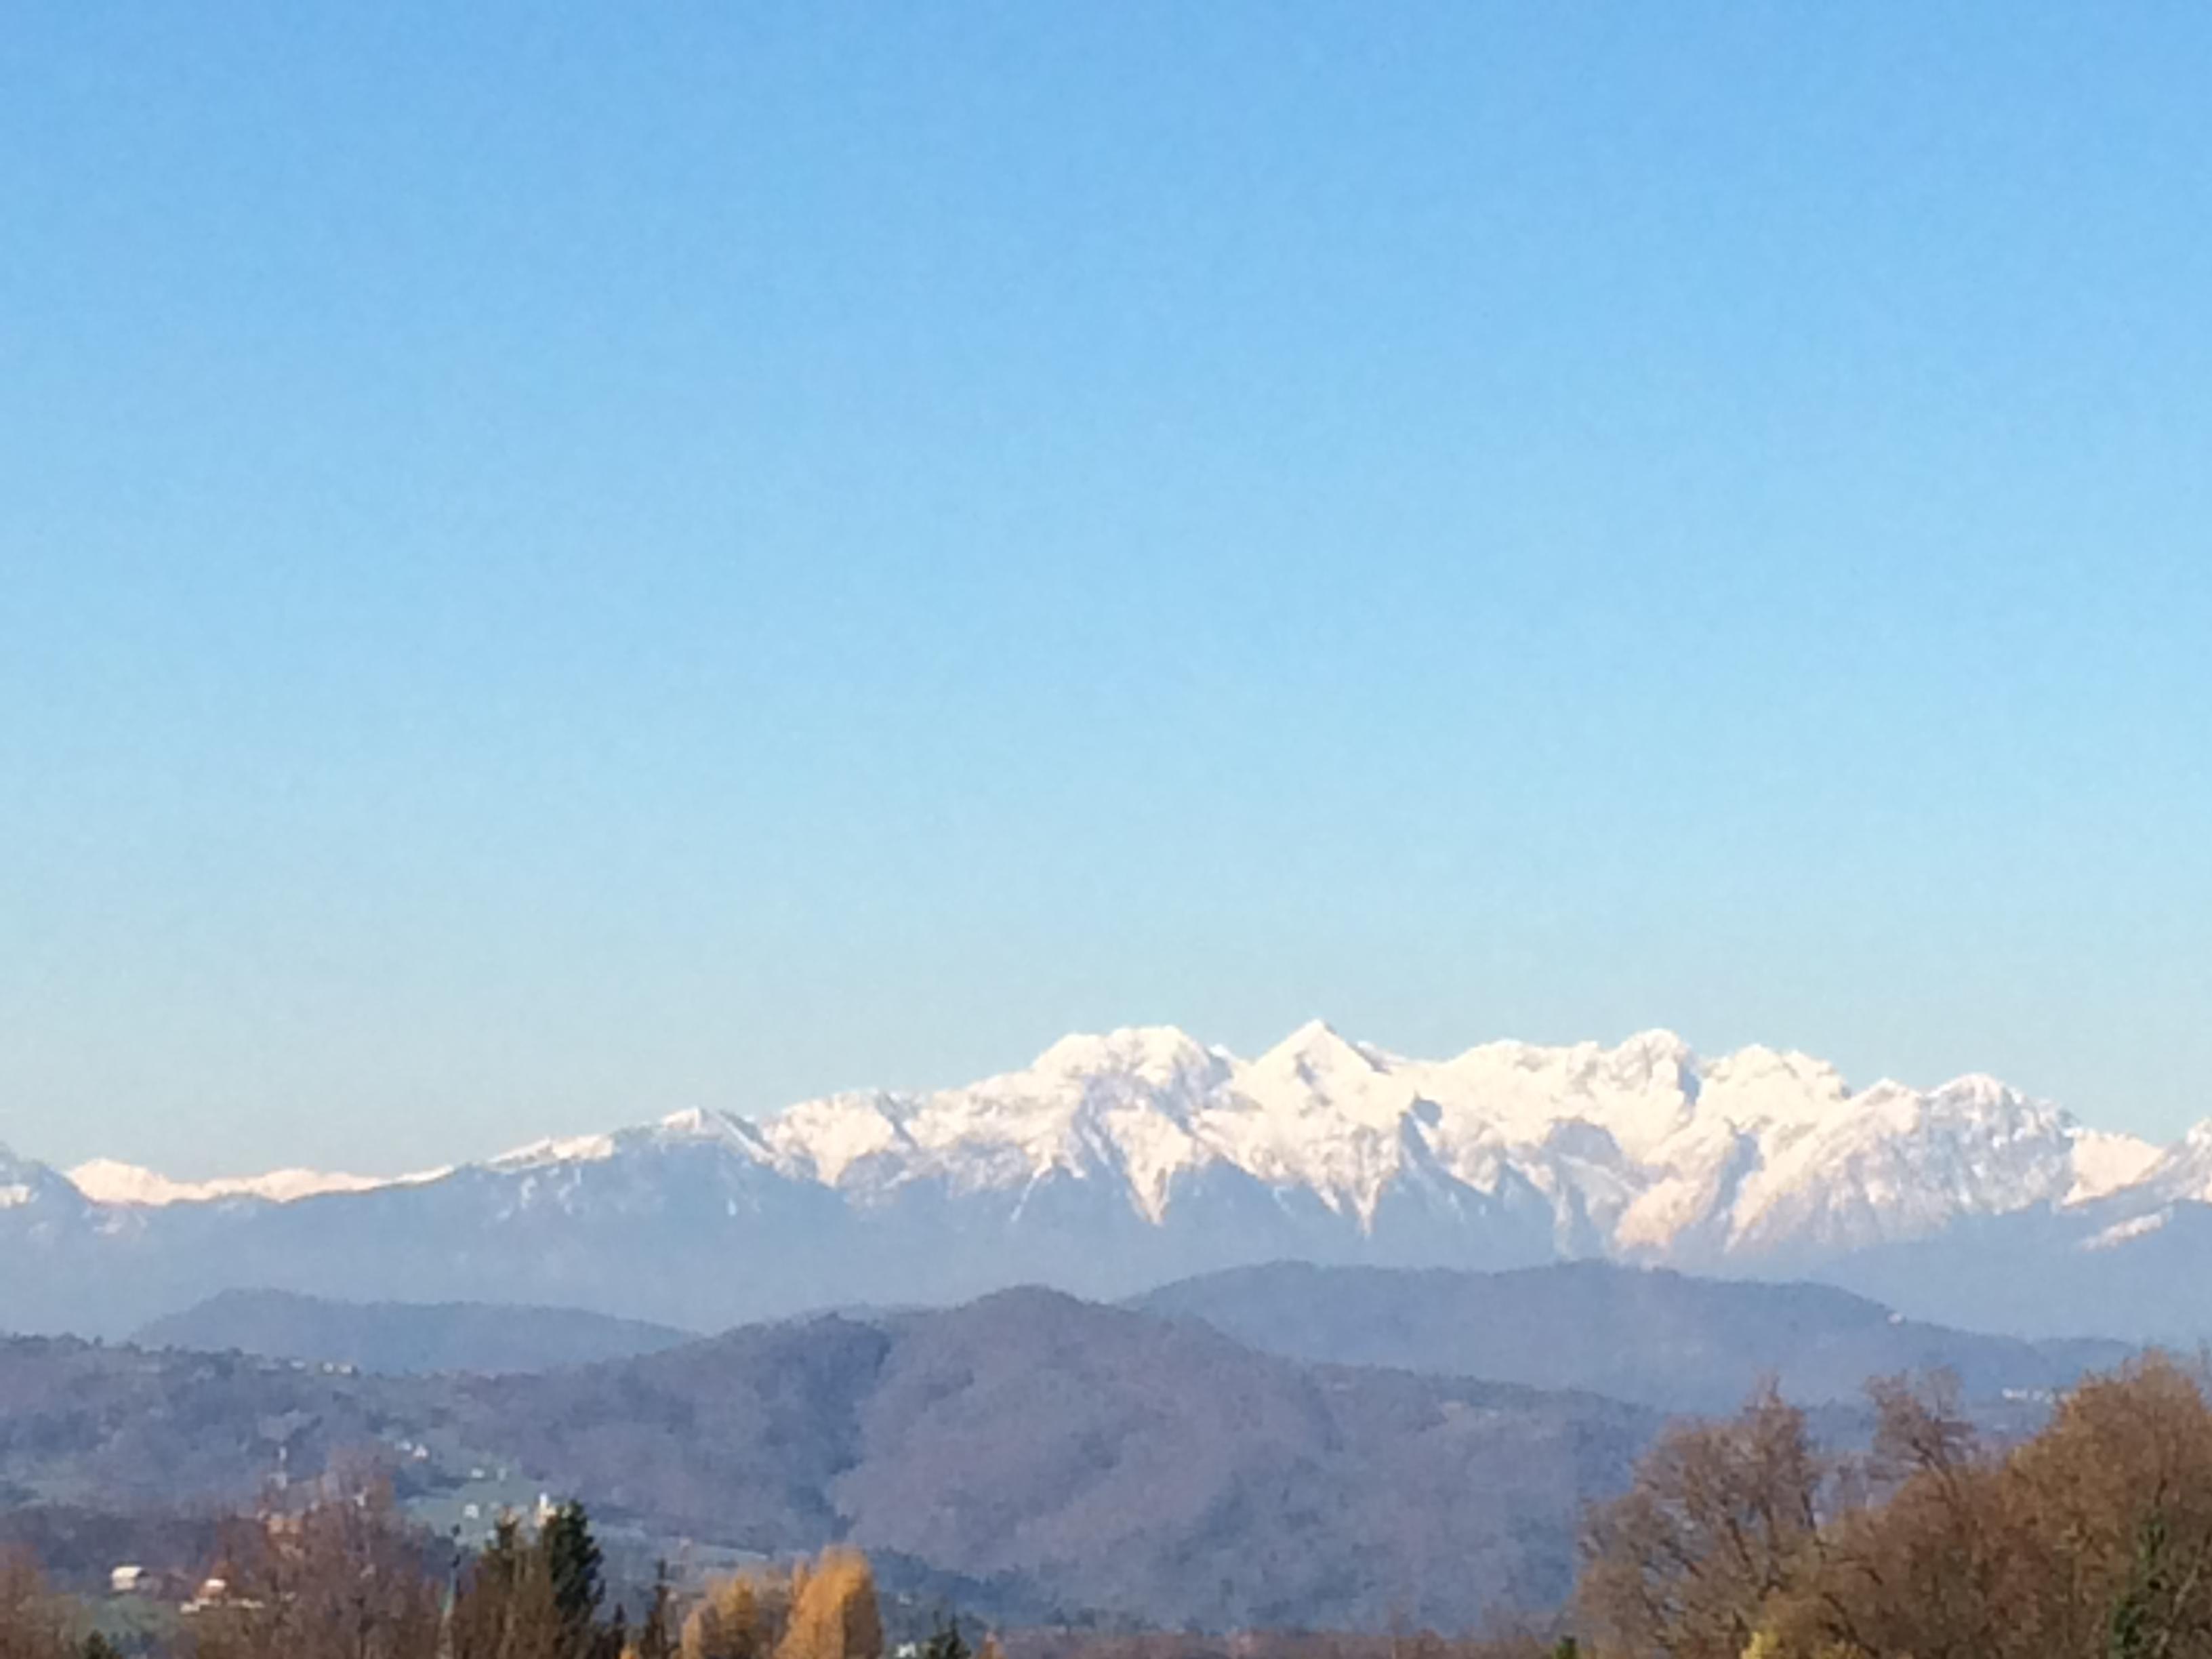 Razgled na Kamniško Savinjske Alpe